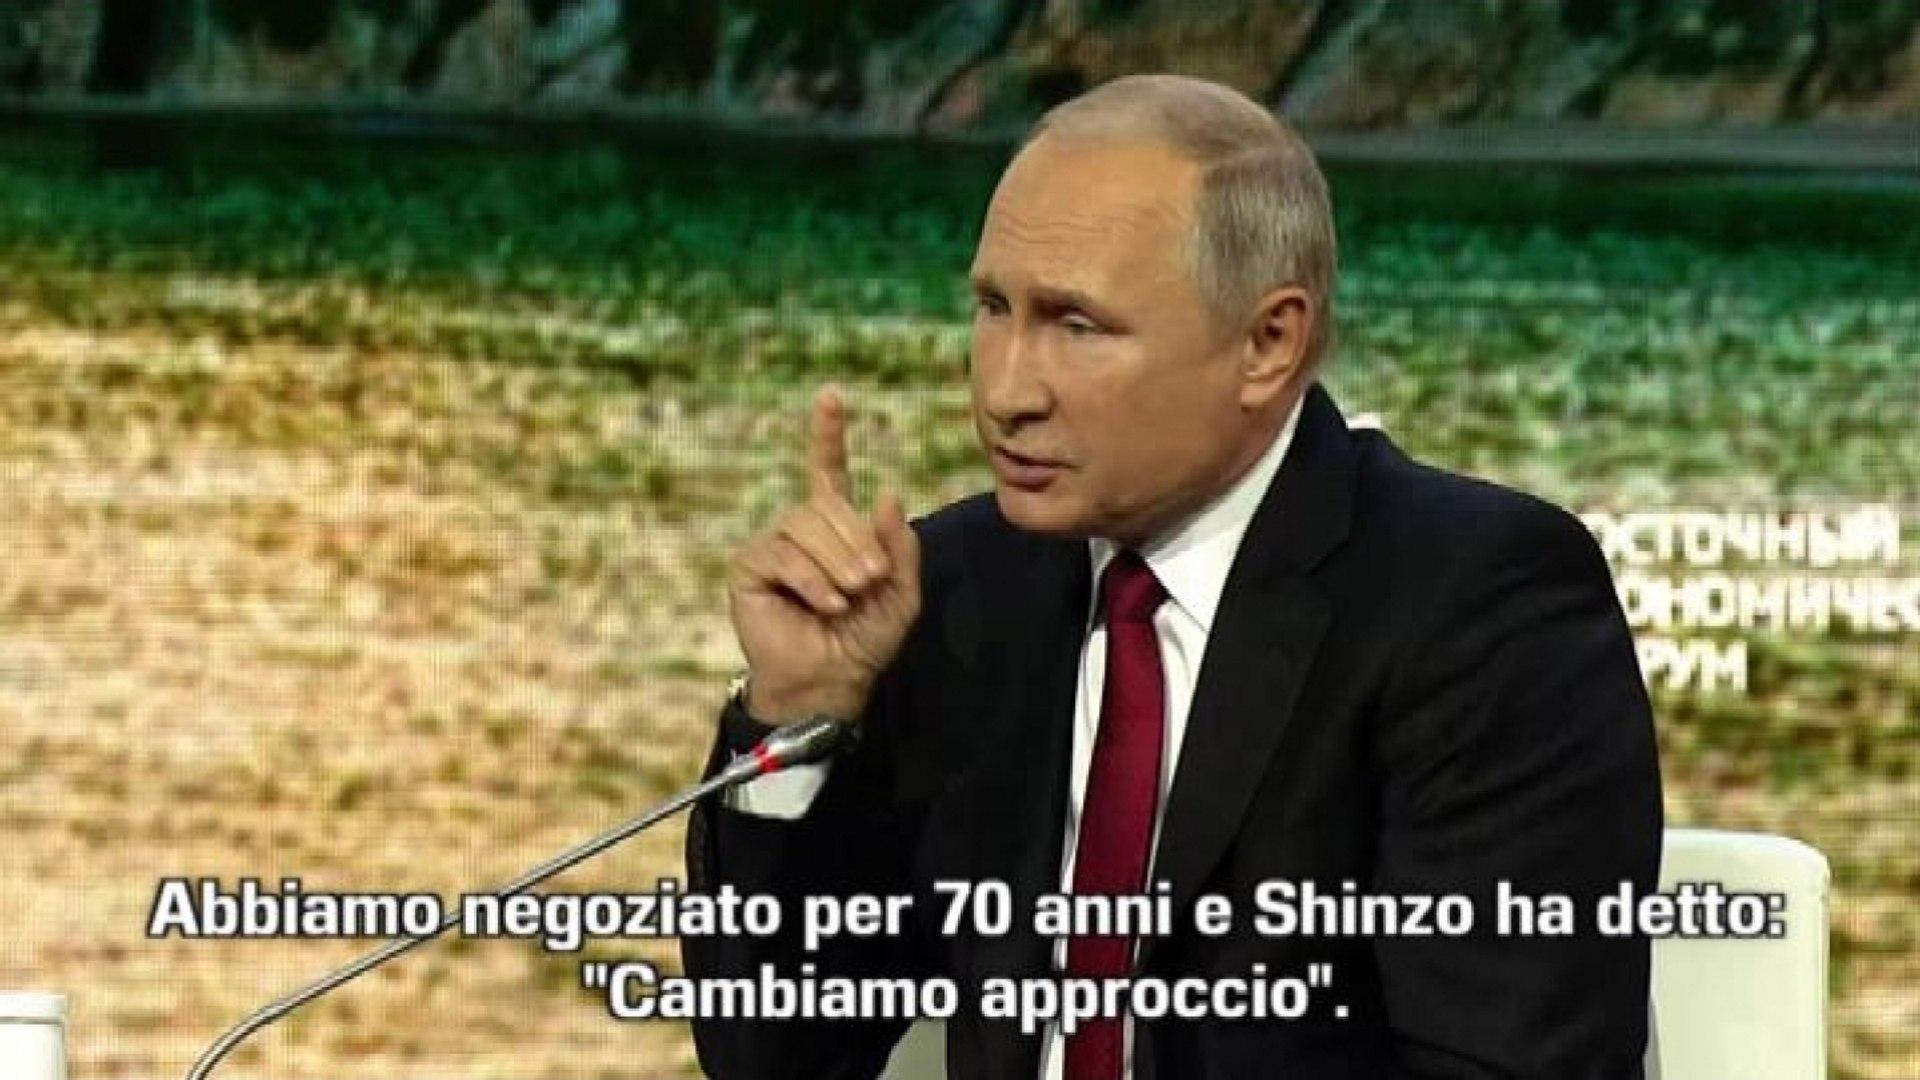 Putin propone a Giappone accordo pace senza condizioni entro 2018